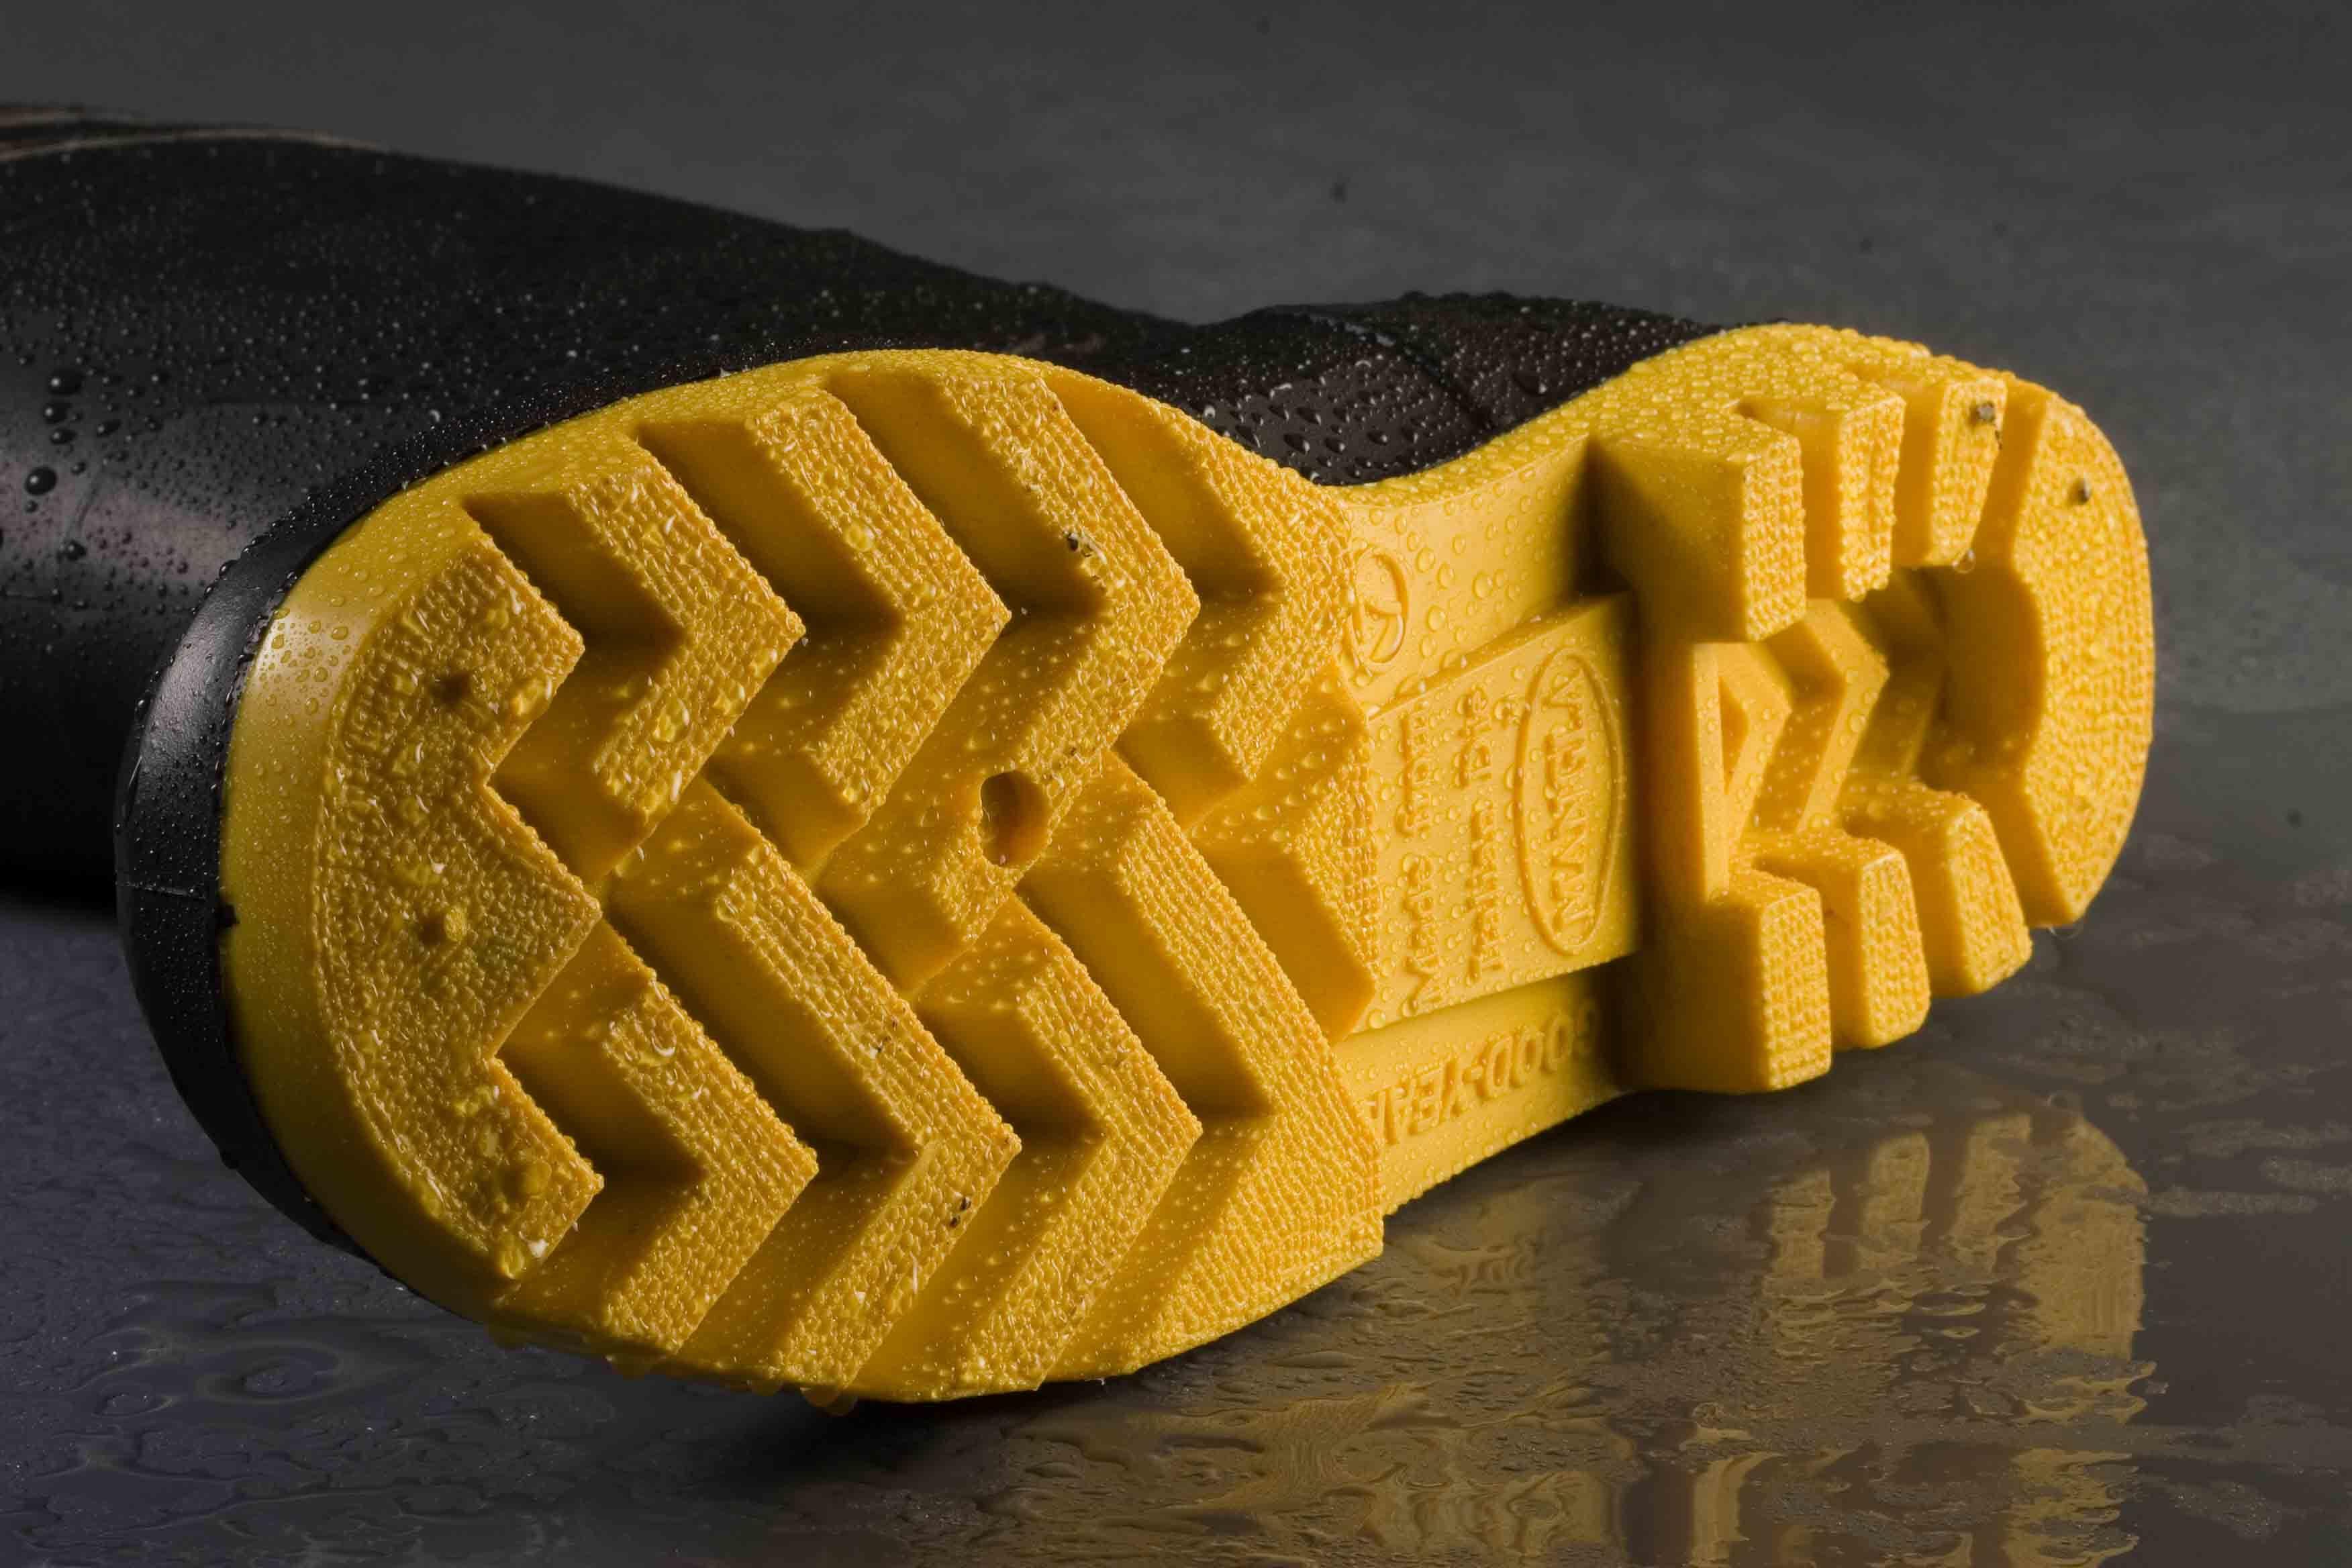 Golden Gumboots